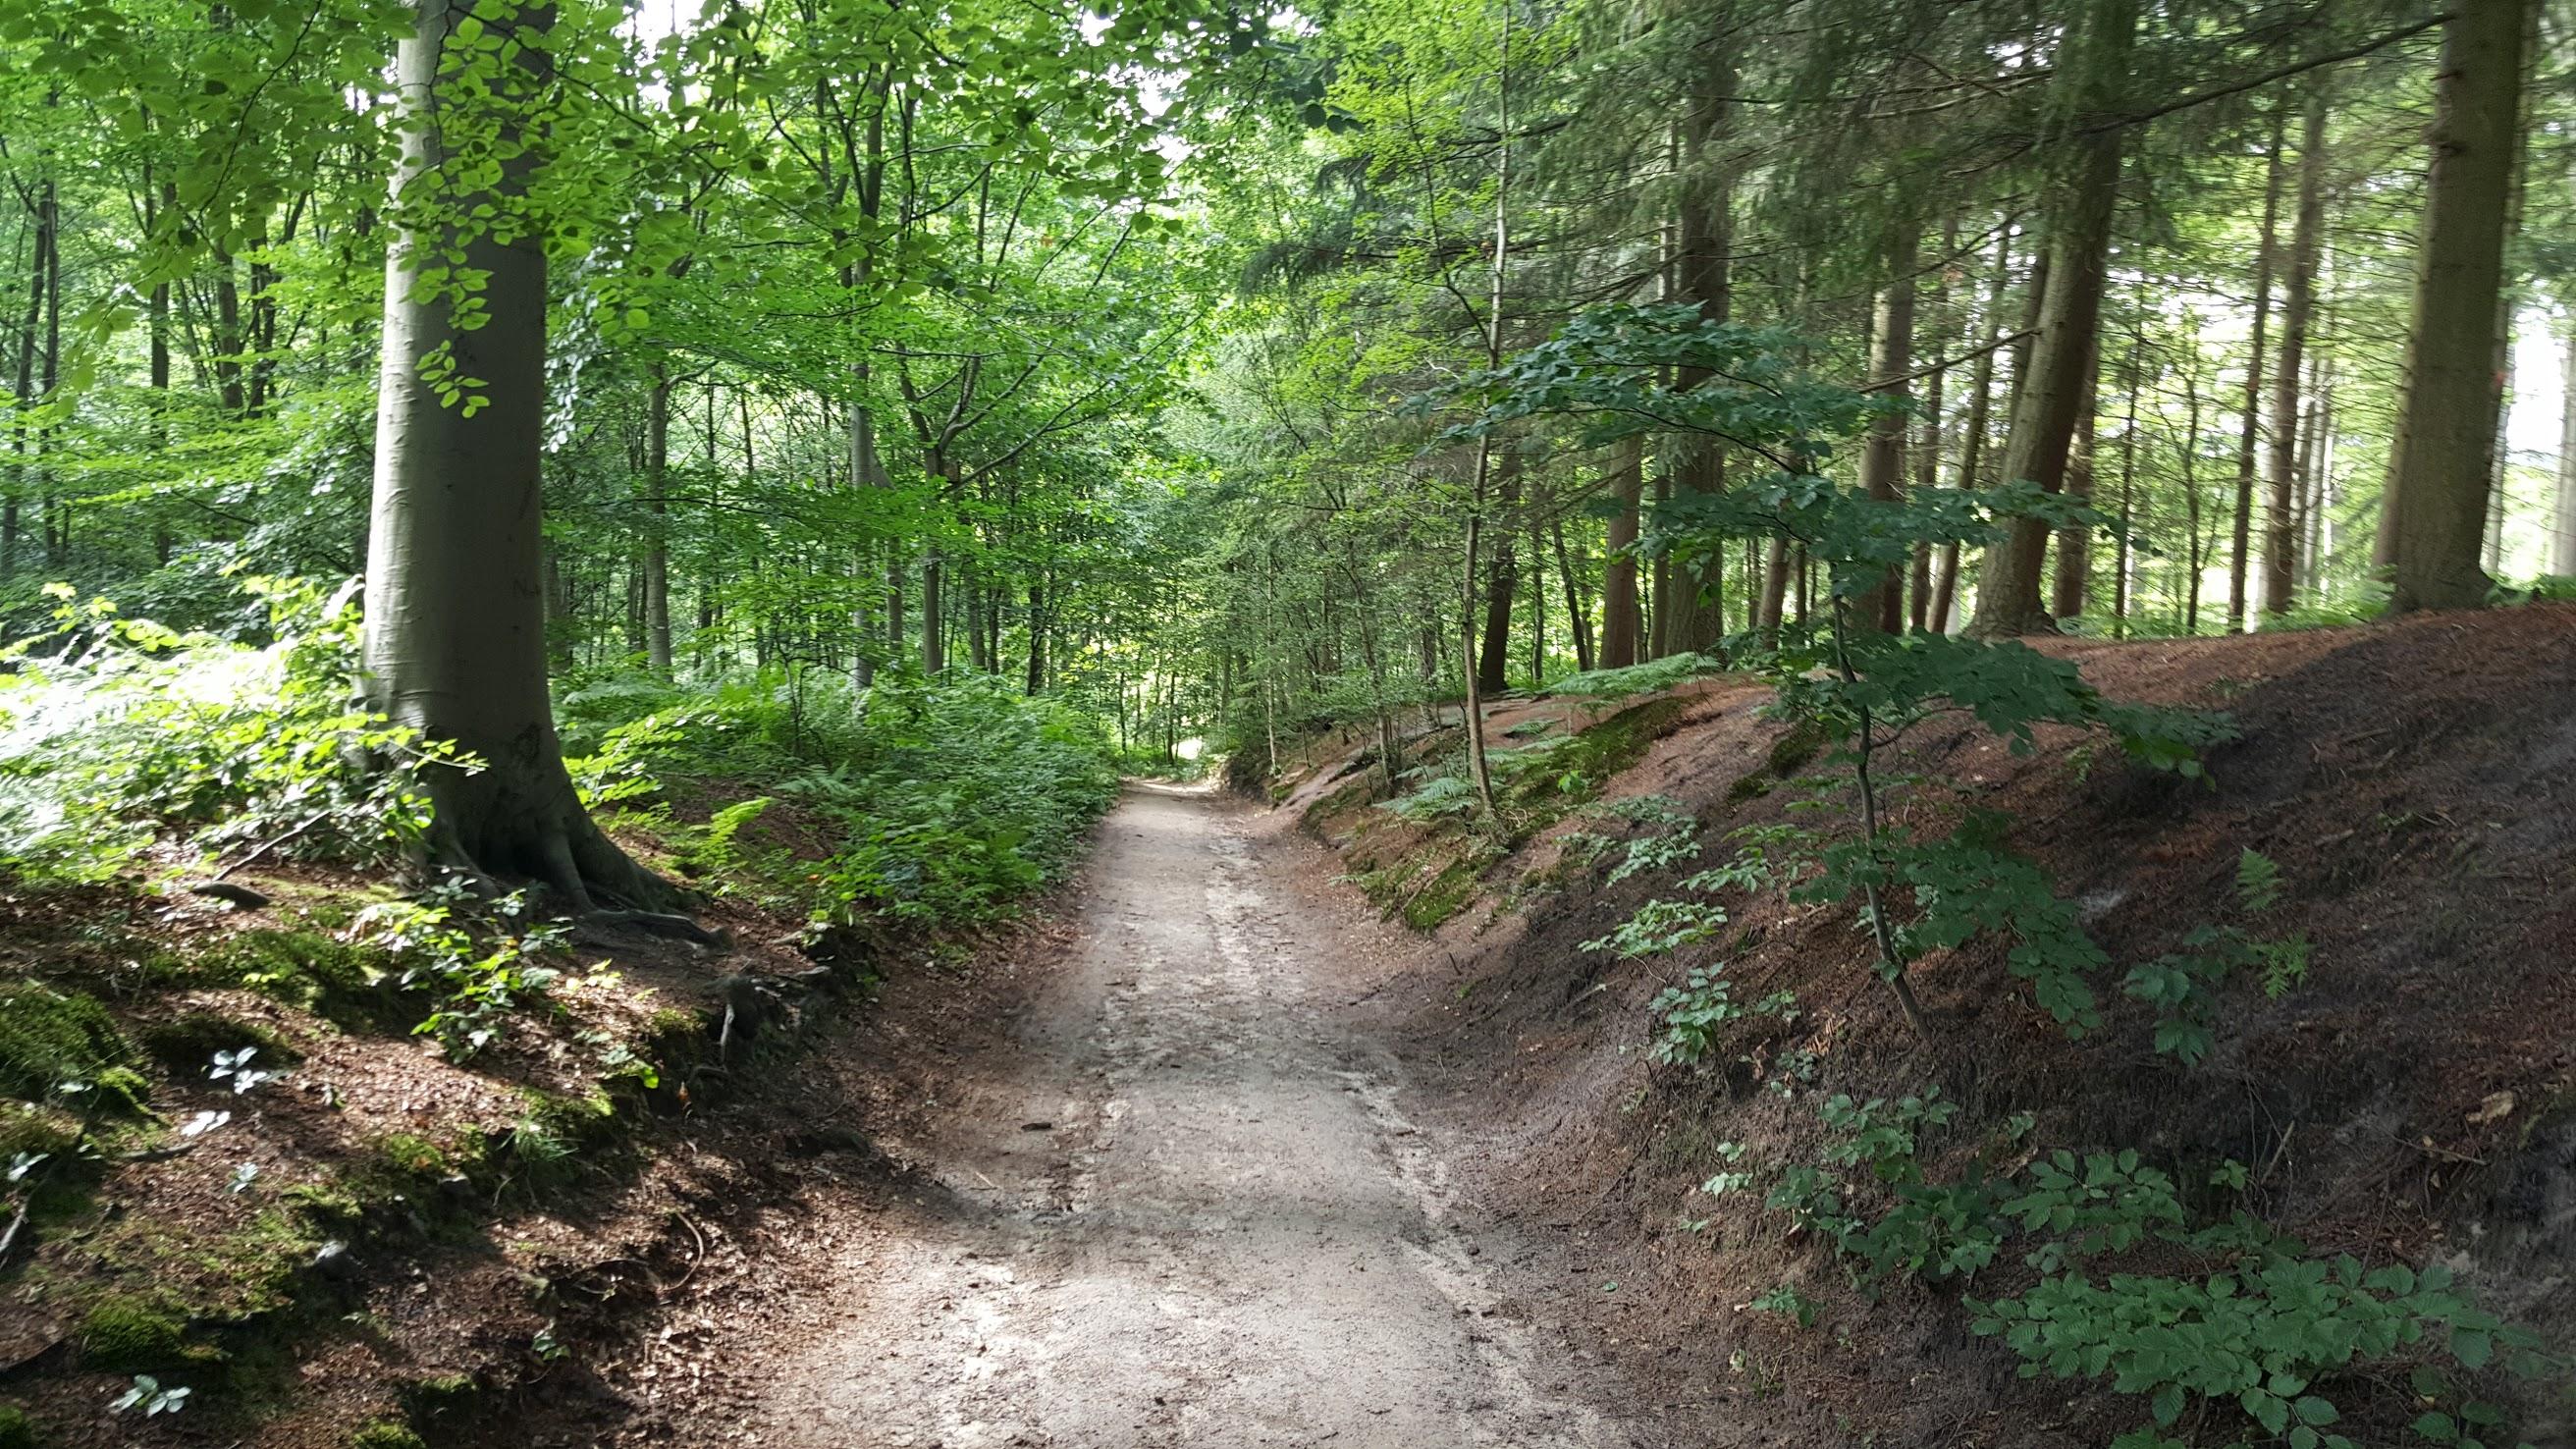 Entrez dans le bois. Ecoutez les histoires que la nature vous murmure a l'oreille...